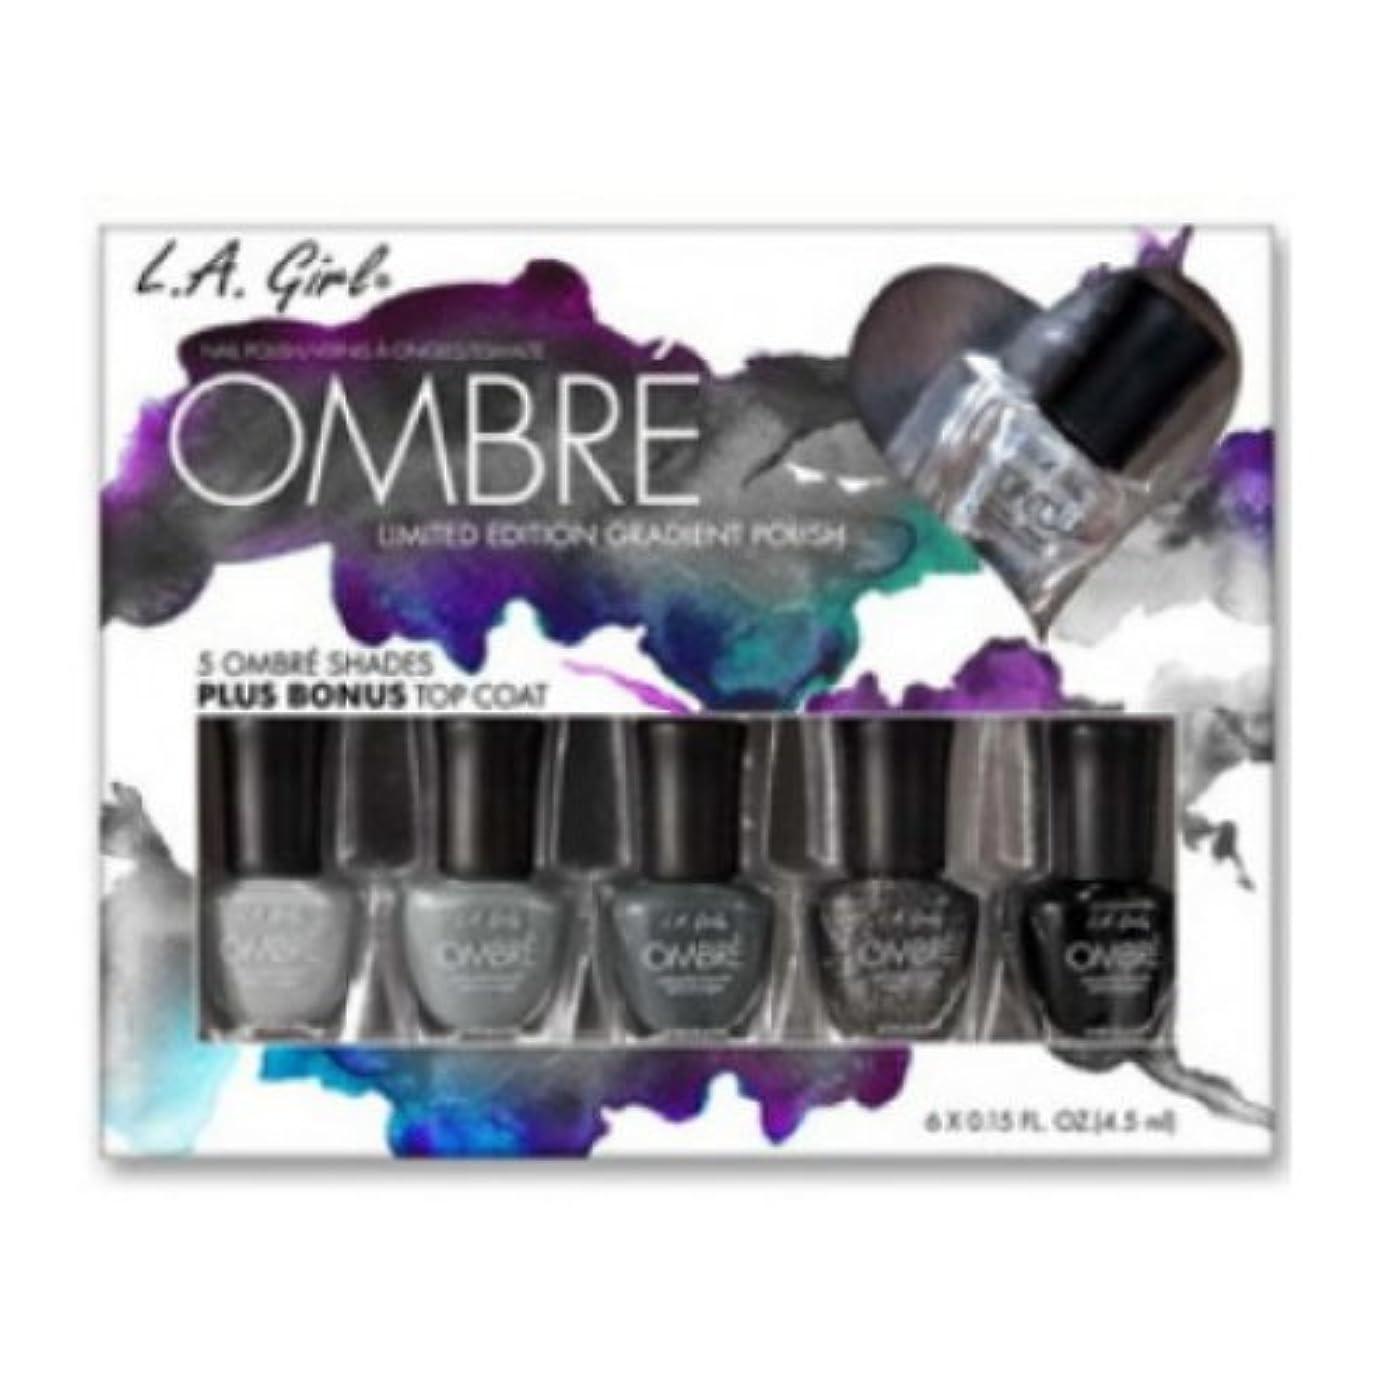 繰り返しインレイパスタ(3 Pack) L.A. GIRL Ombre Limited Edition Gradient Polish Set - Midnite (並行輸入品)